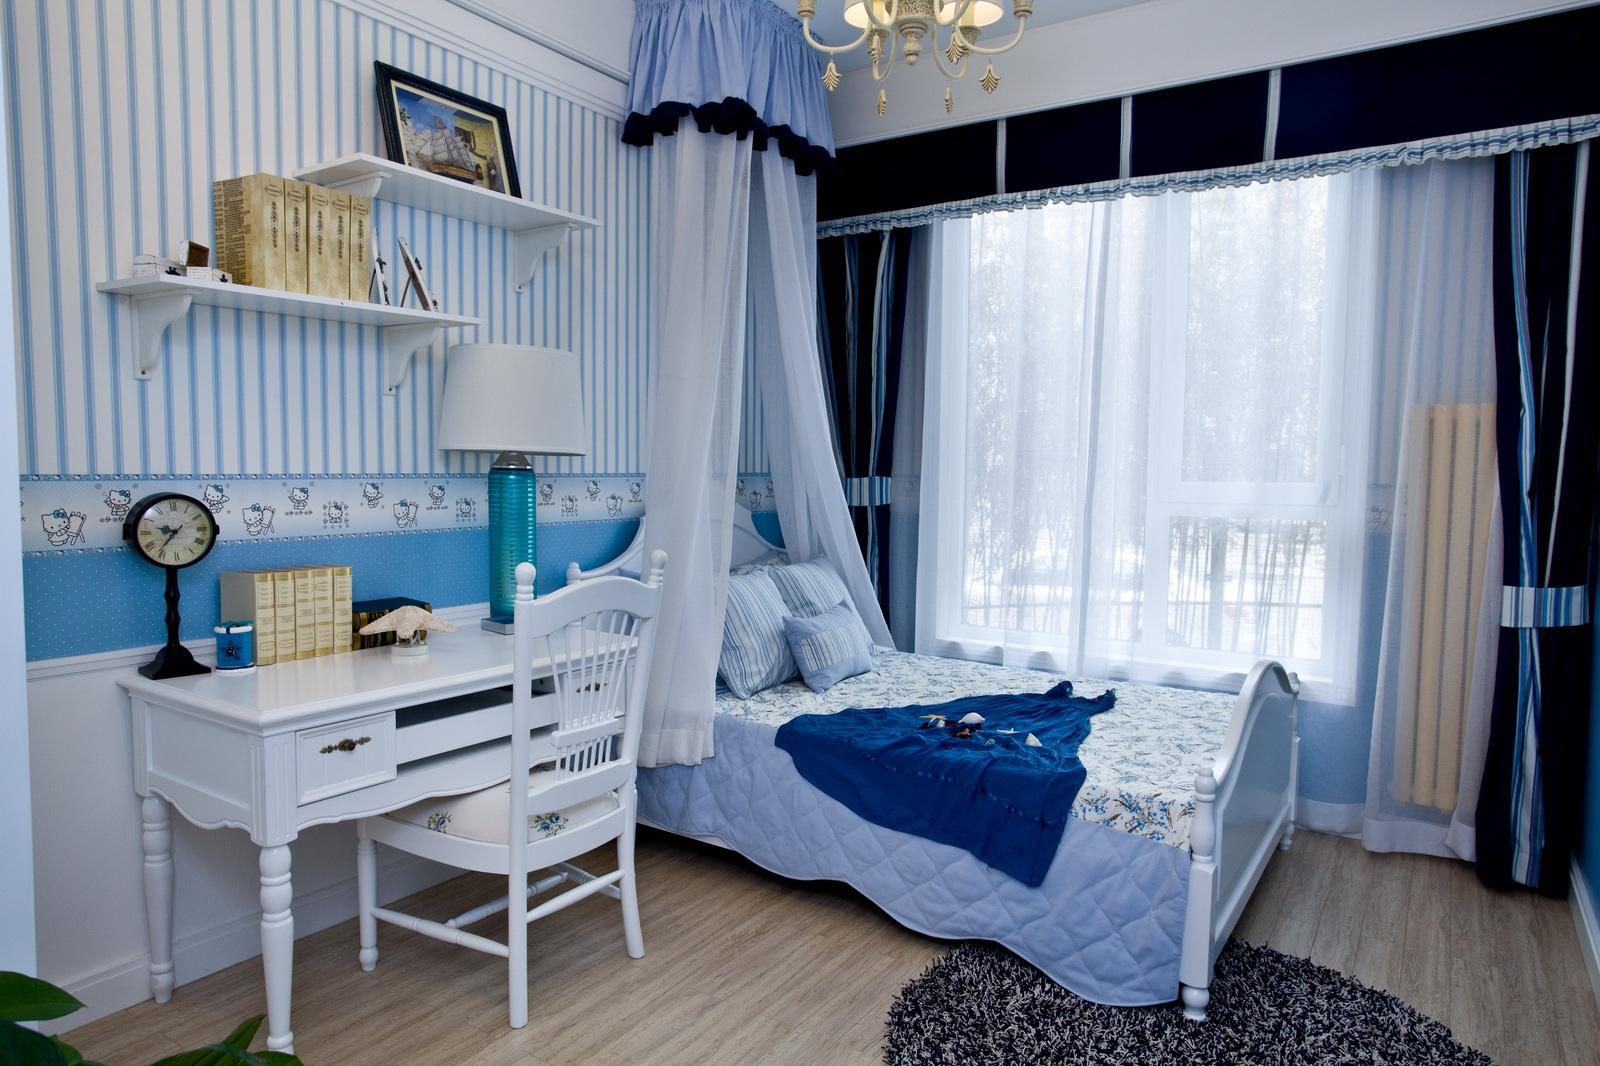 儿童房整个空间设计很有层次感,窗帘是双层的,很好看啊,